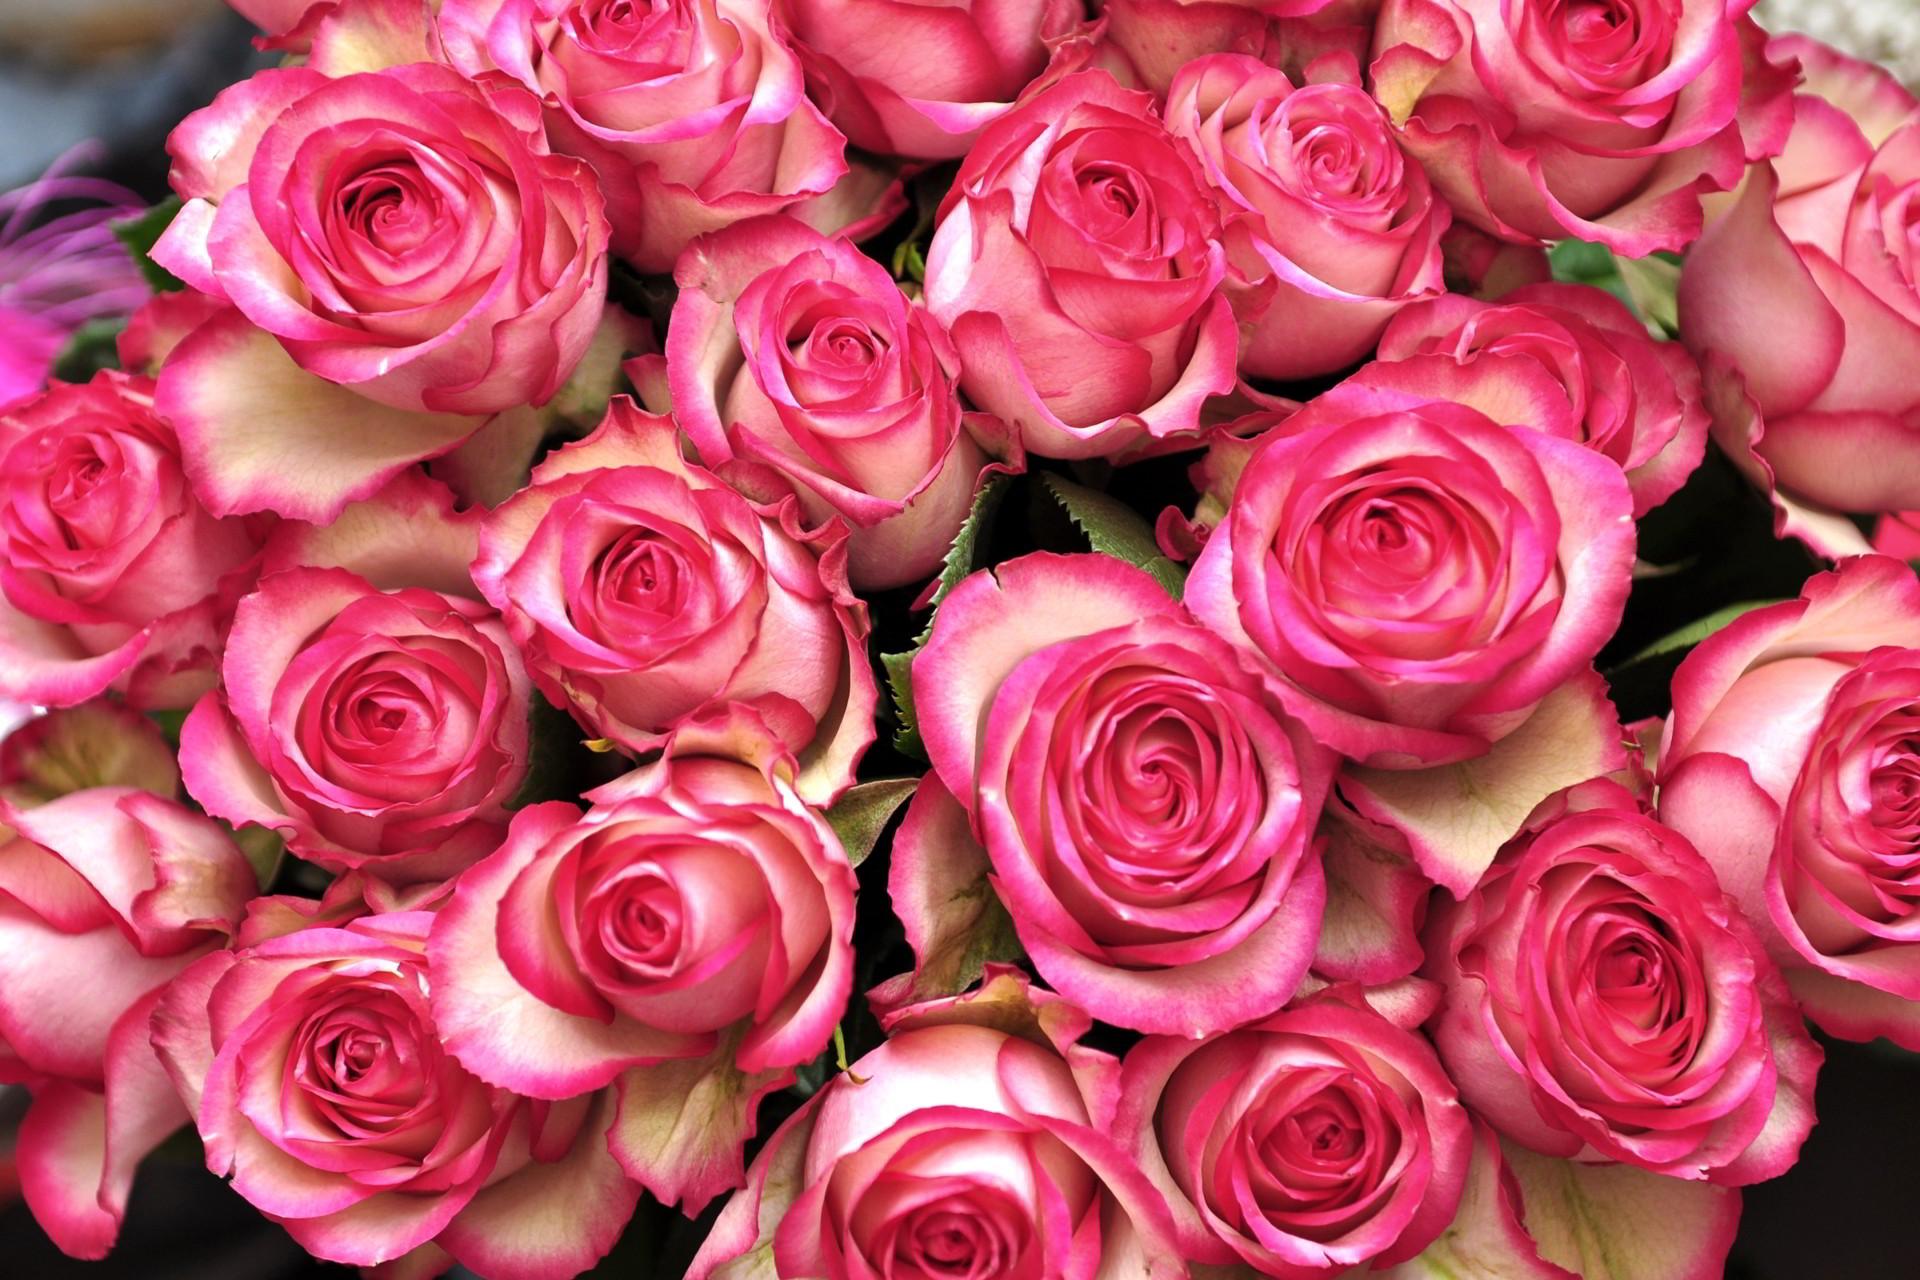 ảnh hoa hồng ngày 20-10